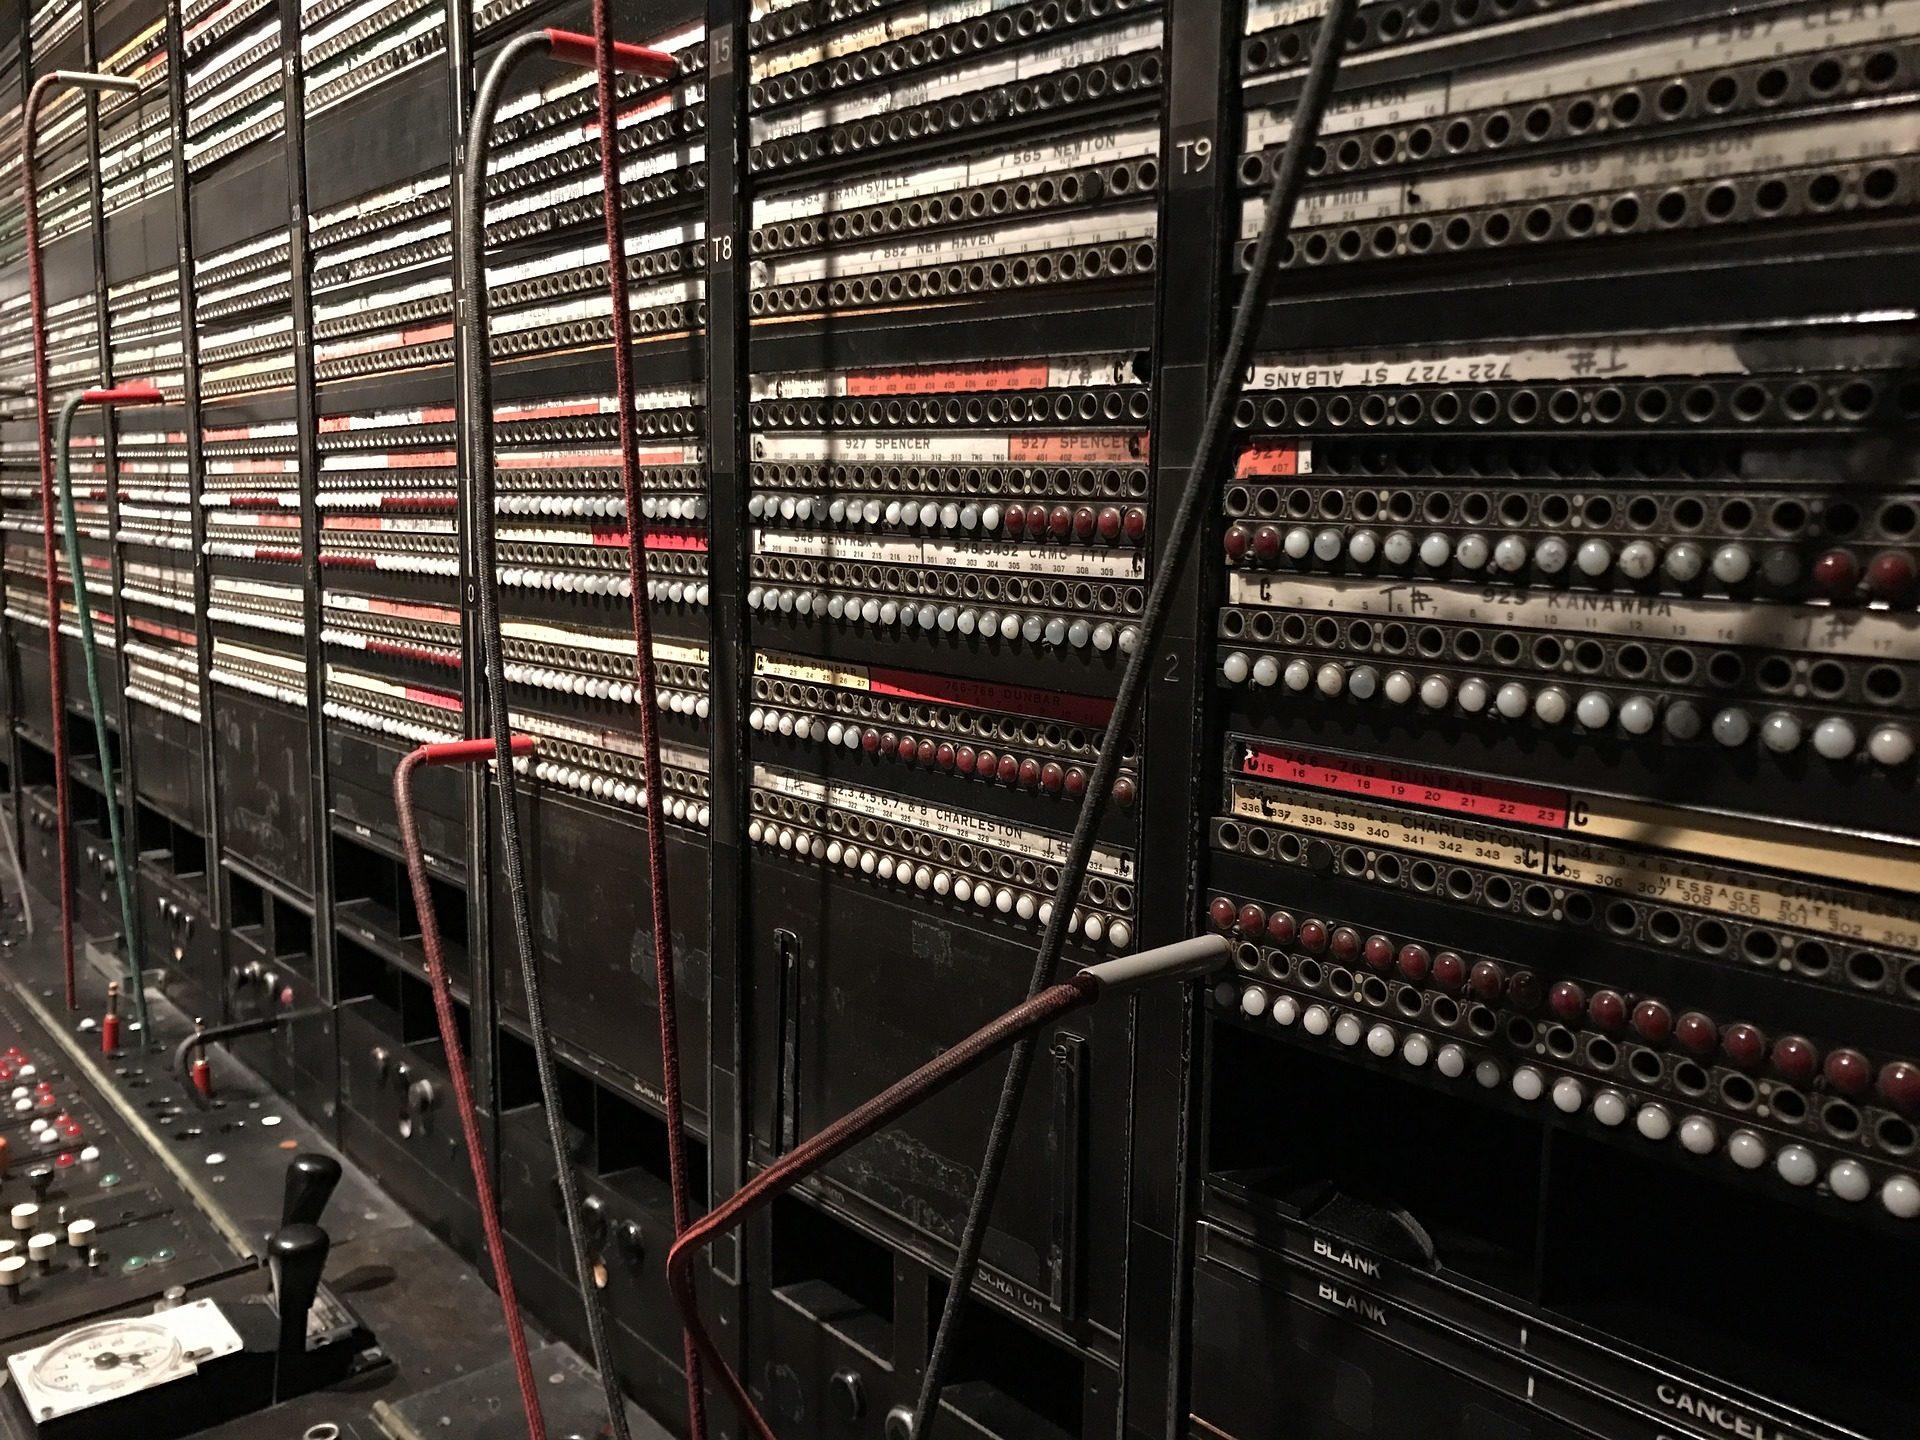 τηλεφωνικό κέντρο, τηλεφωνία, παλιά, καλώδια, συνδέσεις - Wallpapers HD - Professor-falken.com